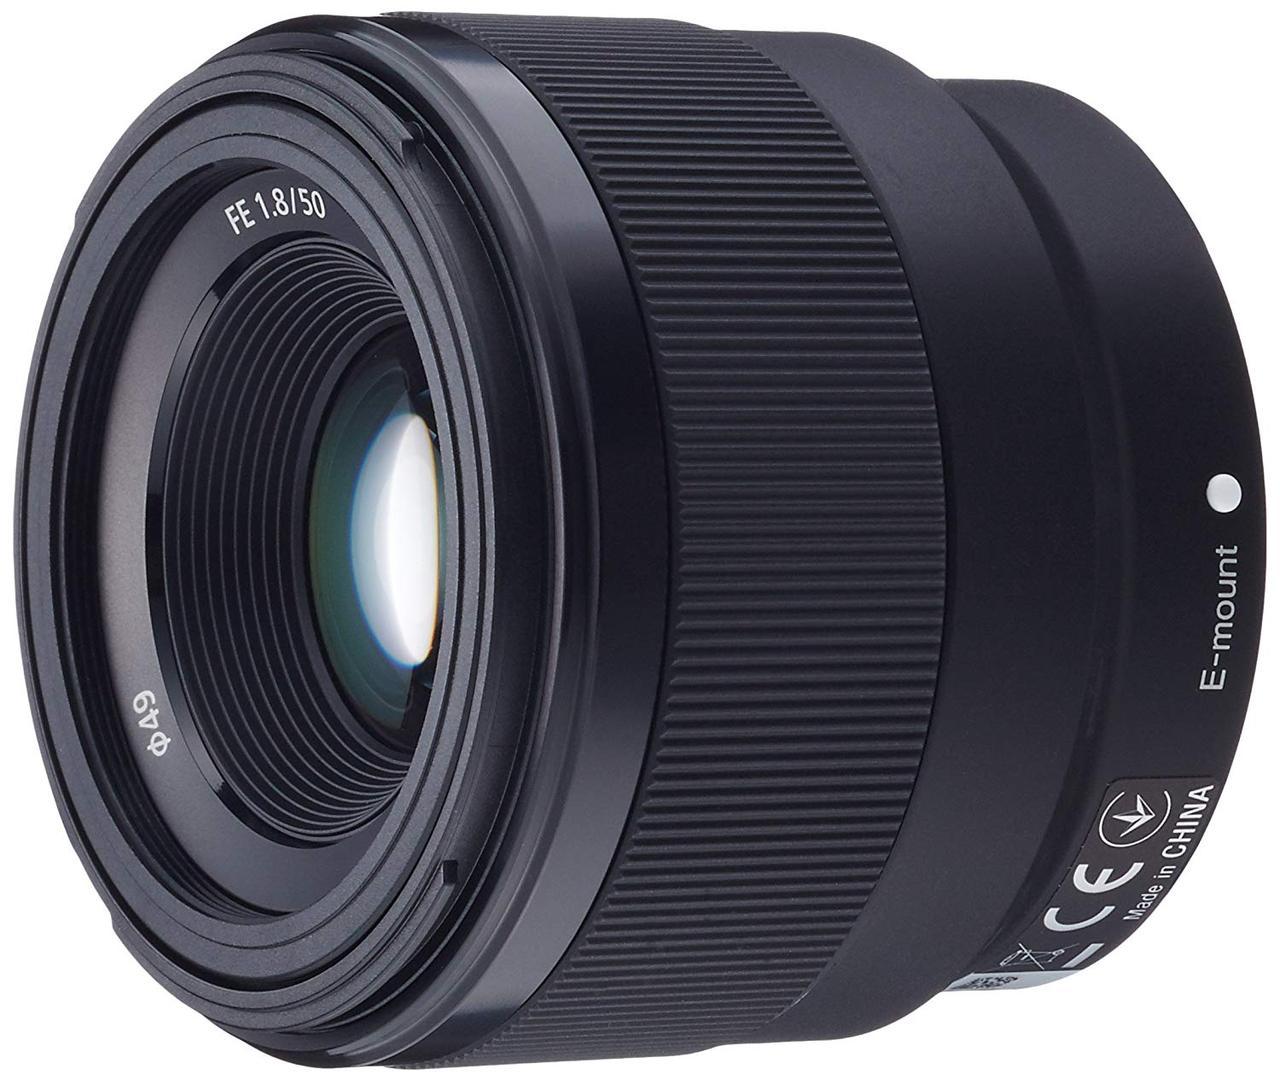 画像: ソニー デジタル一眼カメラα[Eマウント]用レンズ SEL50F18F (FE 50mm F1.8)